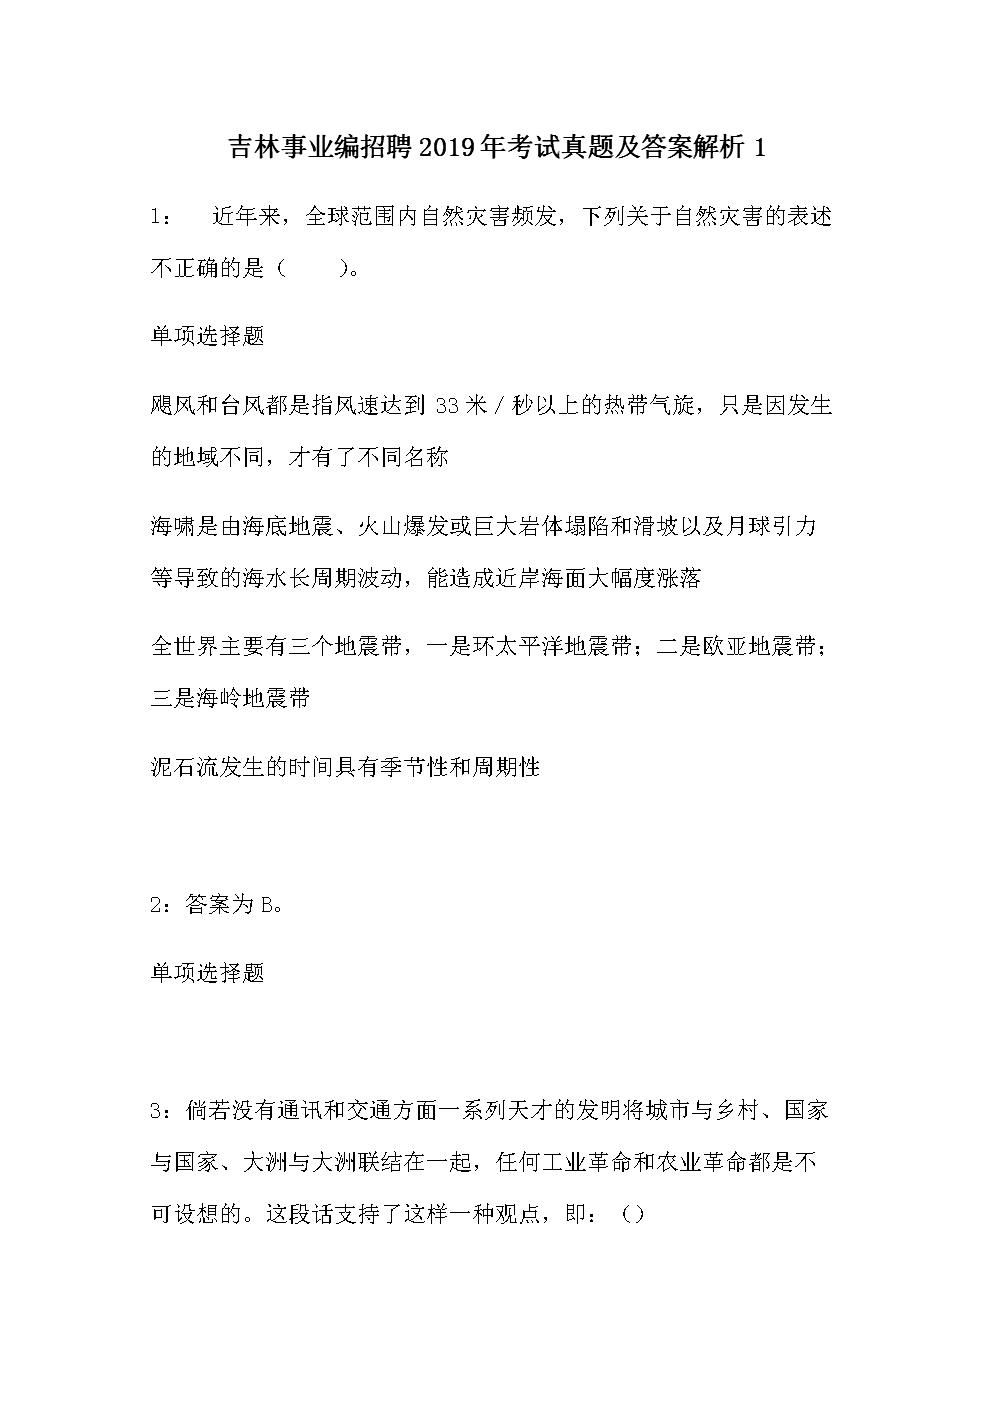 吉林事业编招聘2019年考试真题及答案解析1.docx